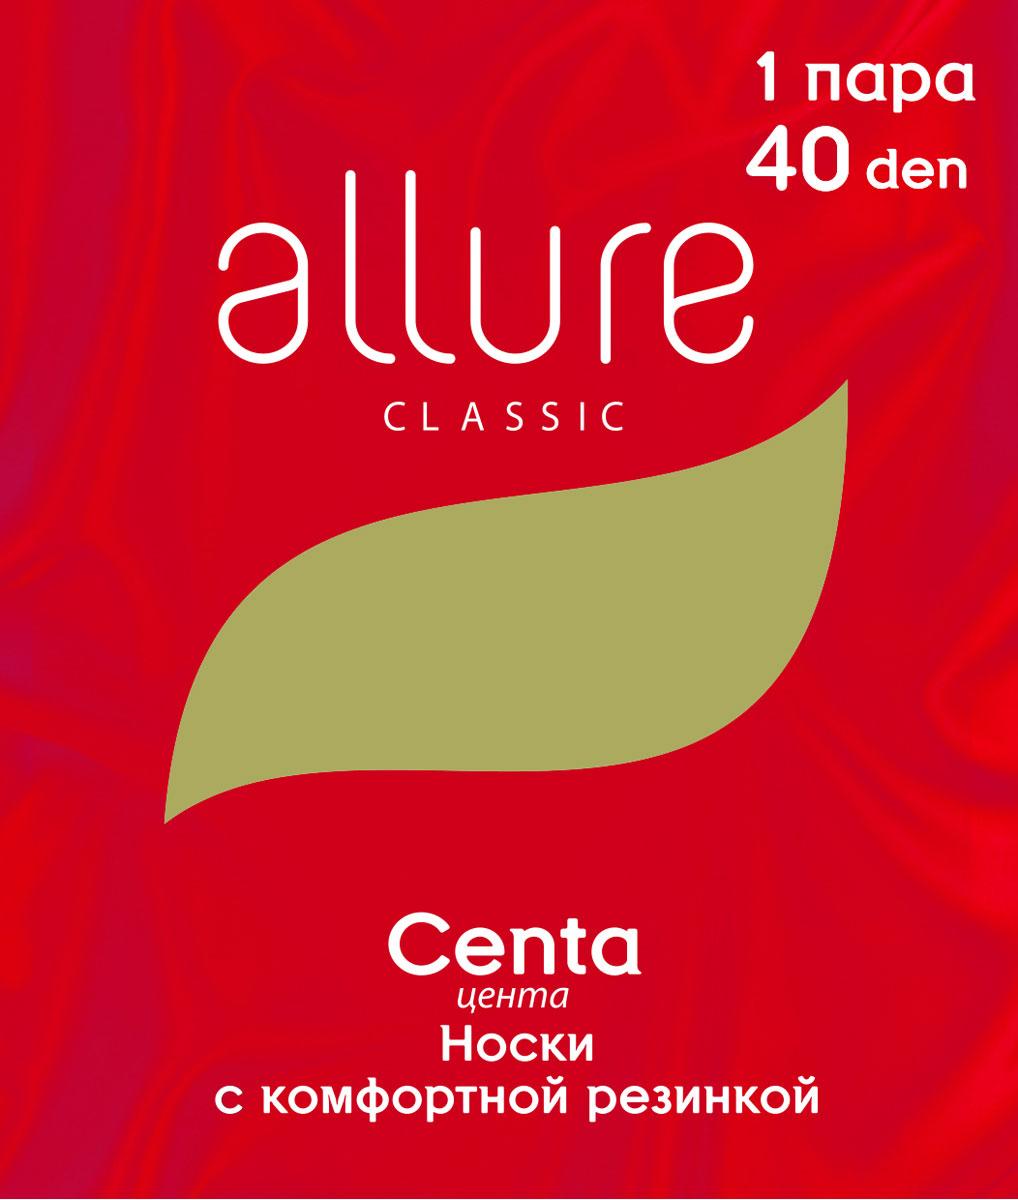 Носки женские Allure Centa 40, цвет:  Nero (черный).  Размер универсальный Allure